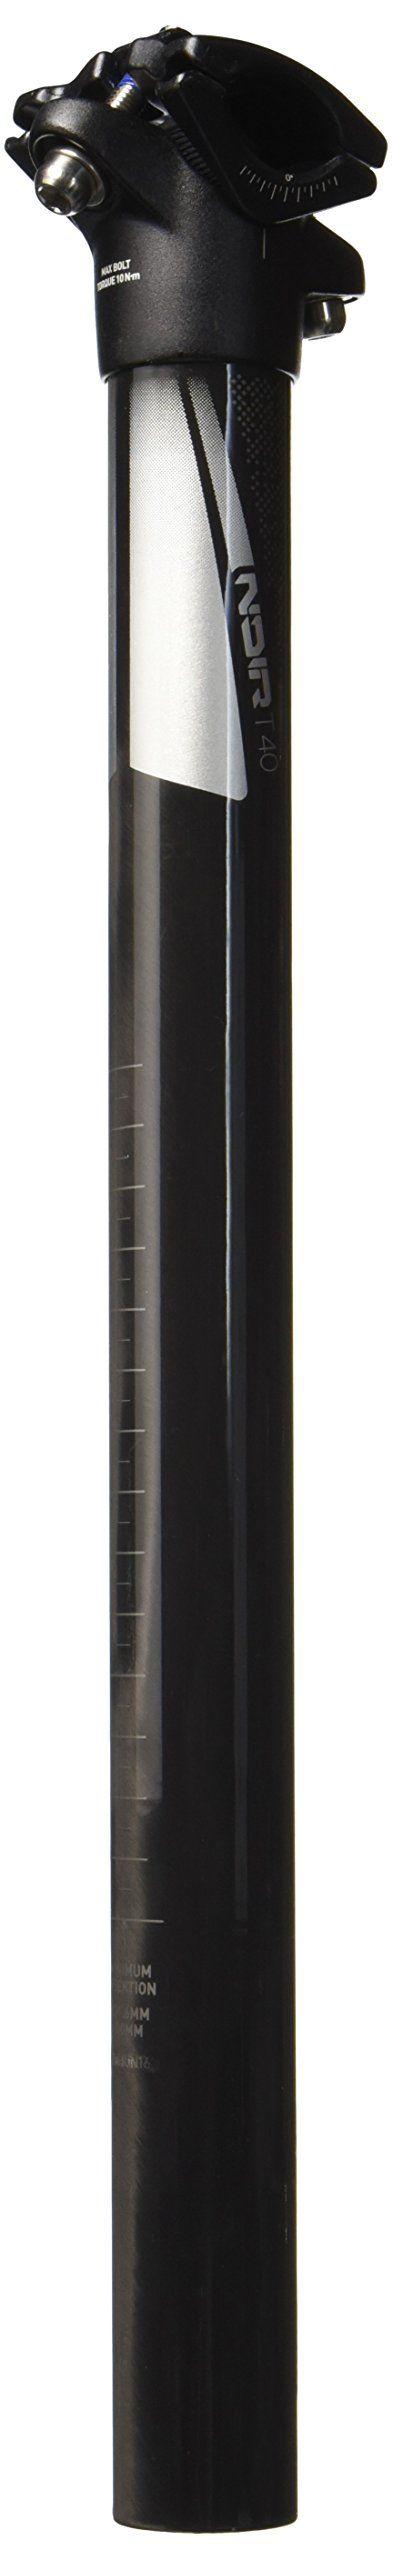 TruVativ Noir T40 0mm Offset Carbon Seatpost Silver, 400/30.9